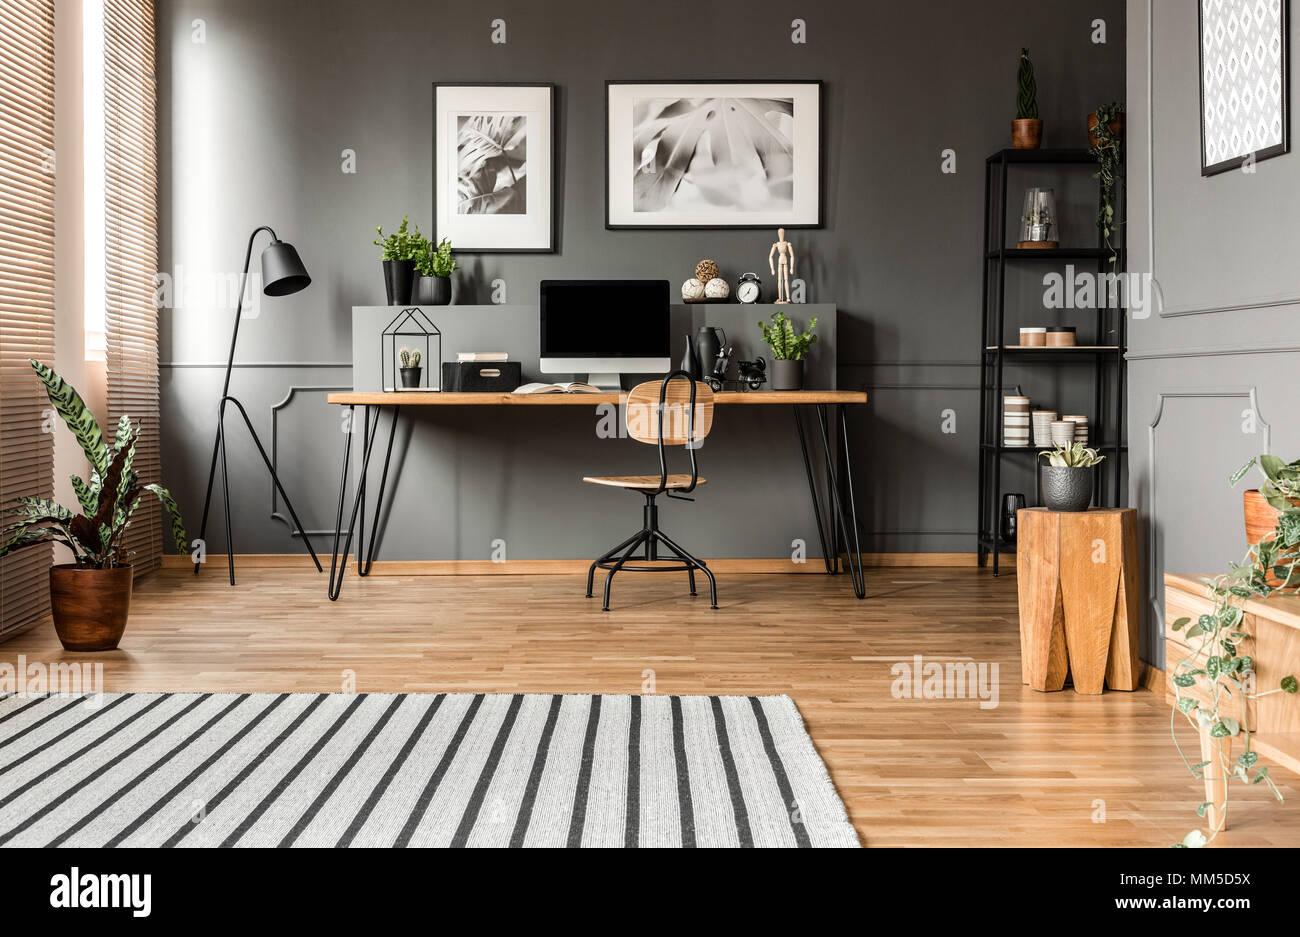 Impianto su sgabello in legno vicino a tavola con il monitor di un